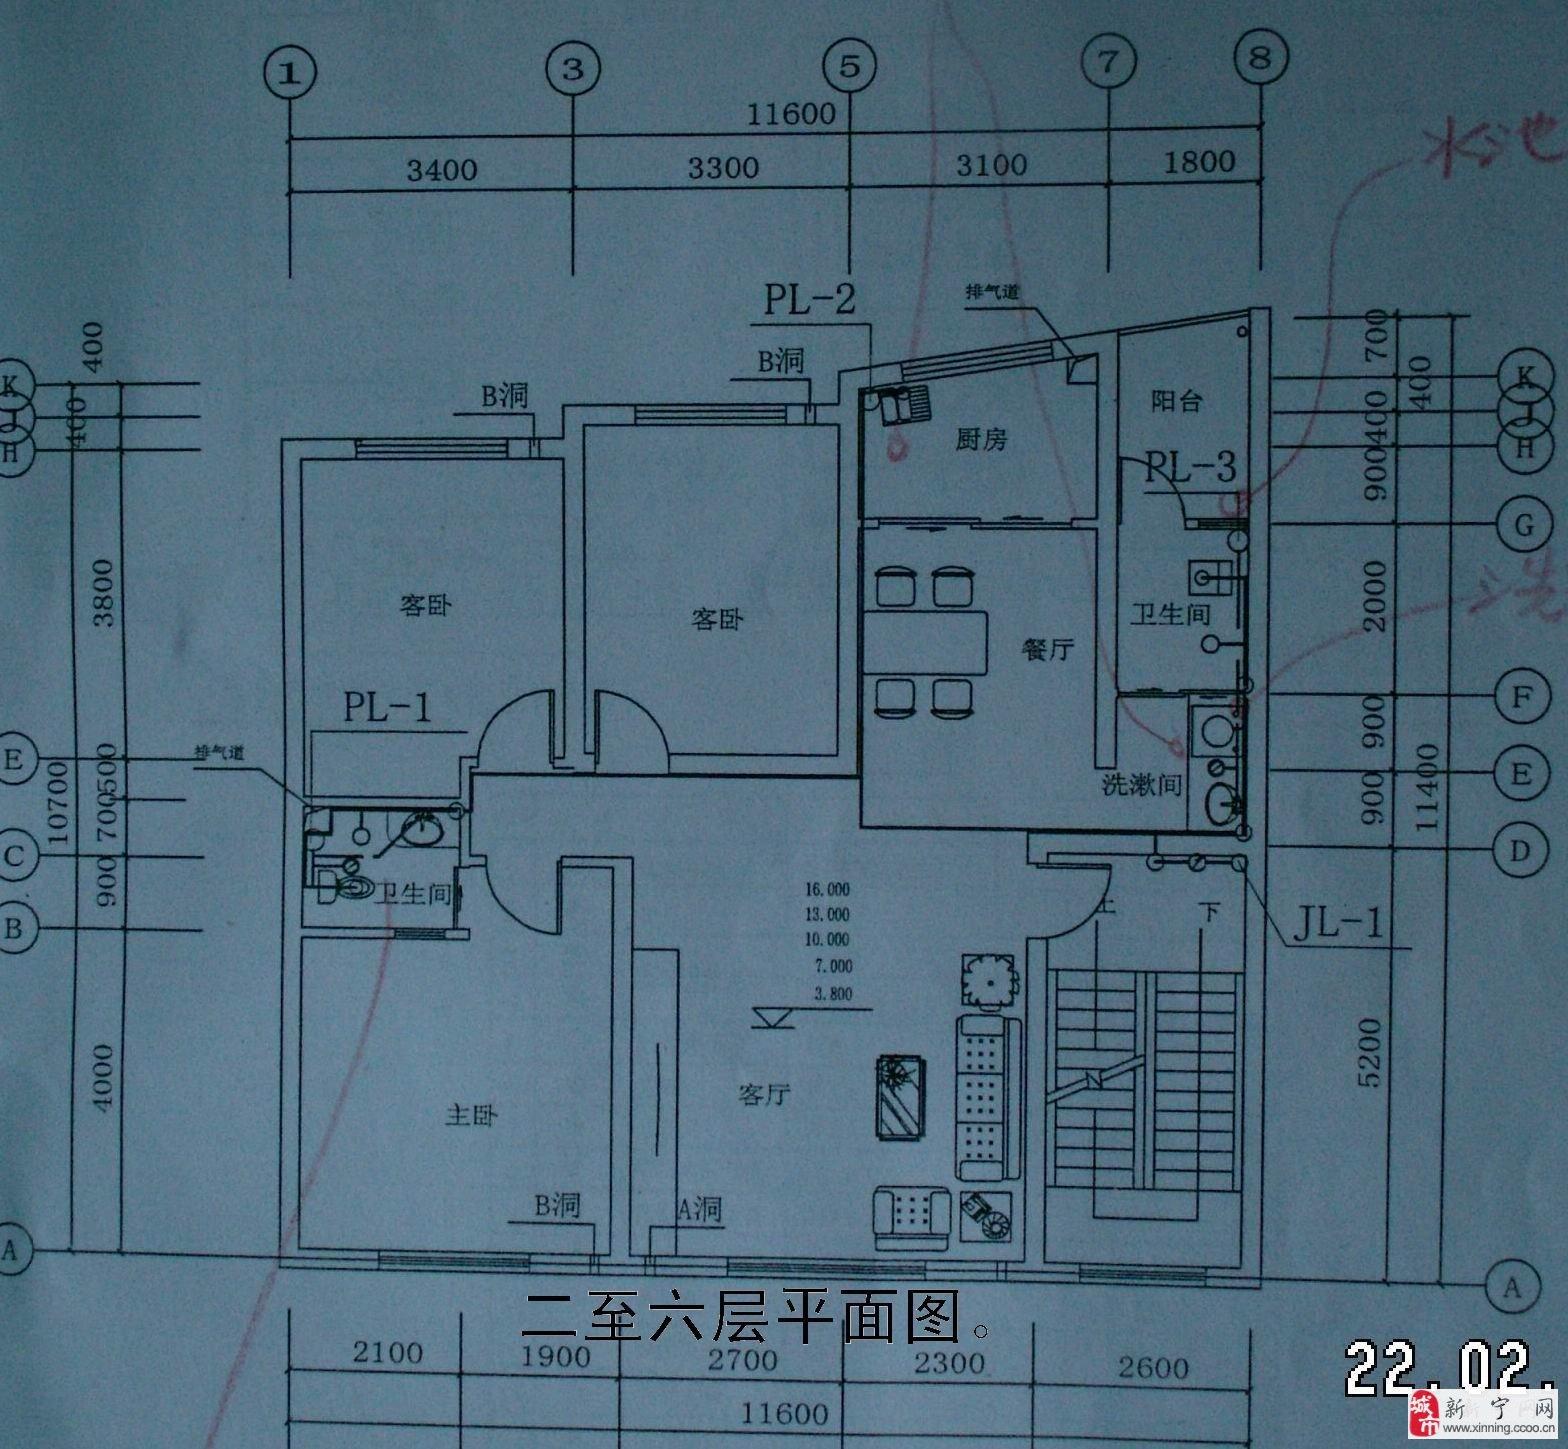 70平方米自建房设计图